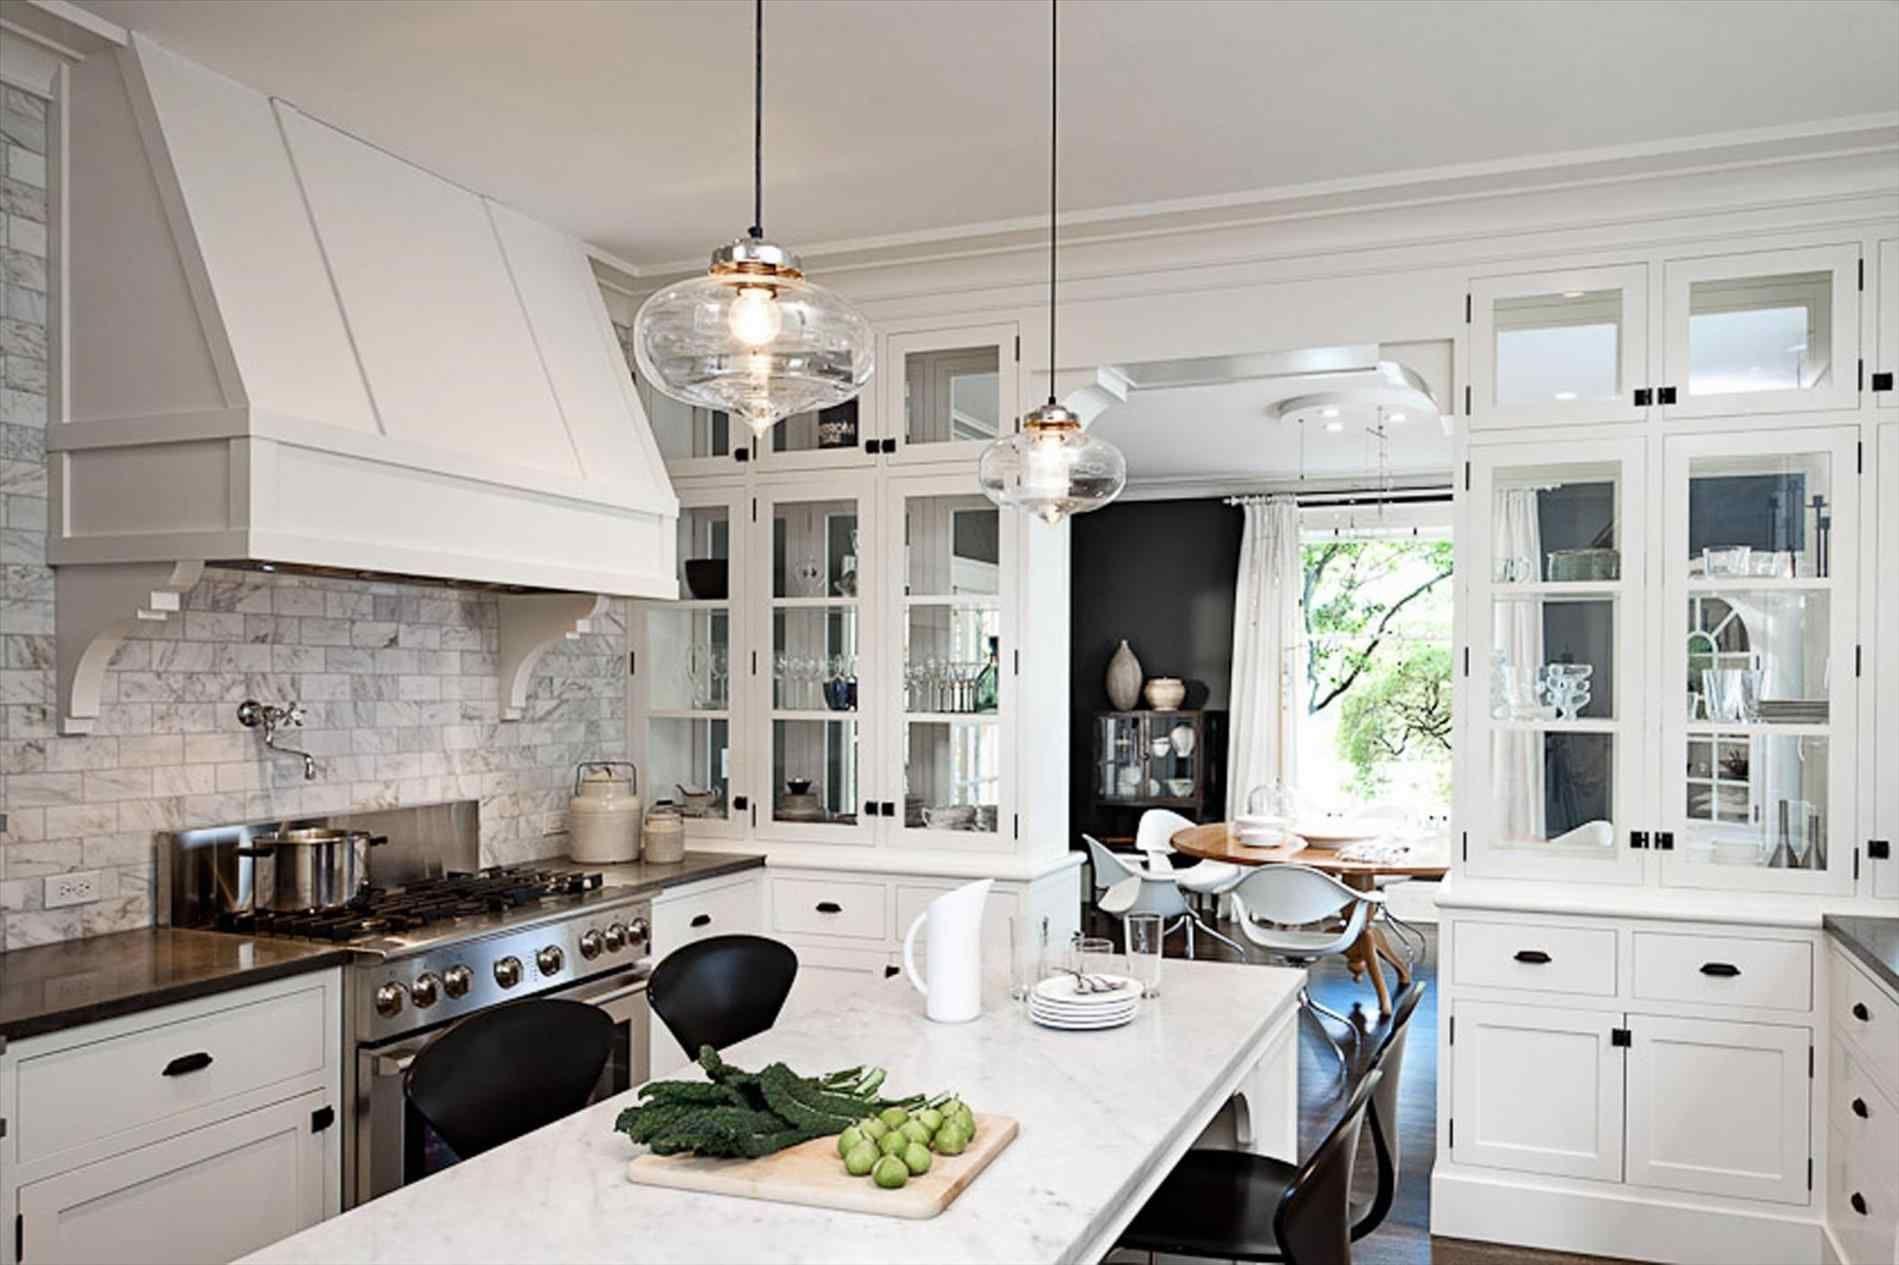 Küche Insel Leuchten - Schlafzimmer | Schlafzimmer | Pinterest ...